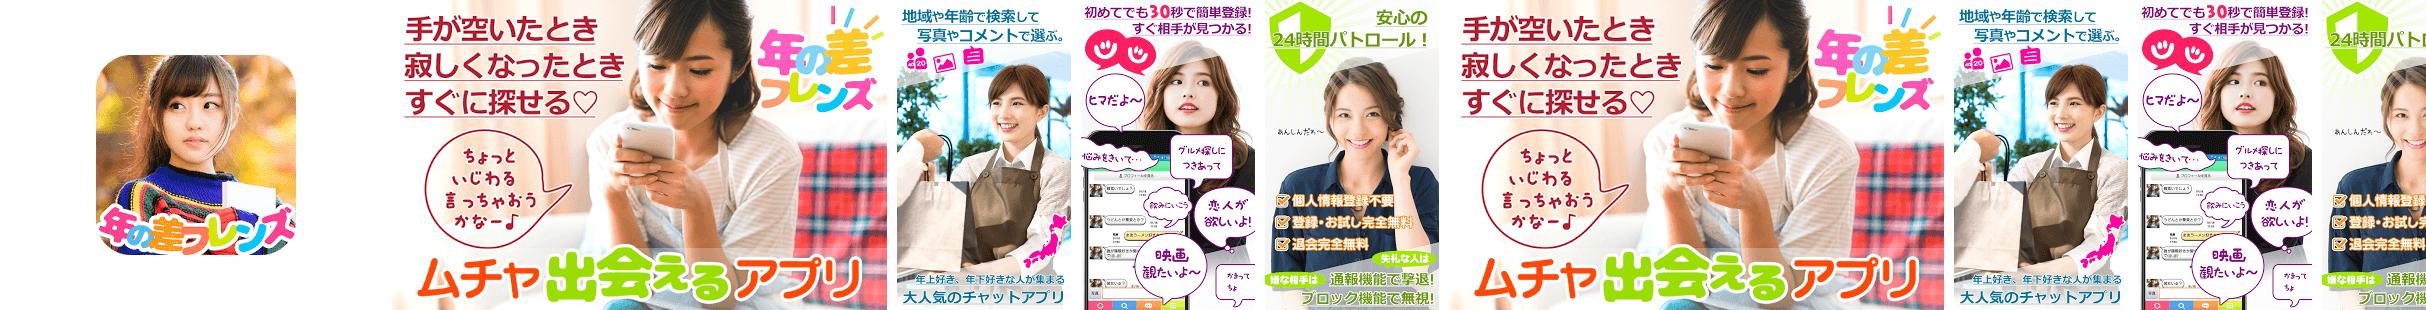 年の差がある人との出会いを探すアプリ~年の差フレンズ~